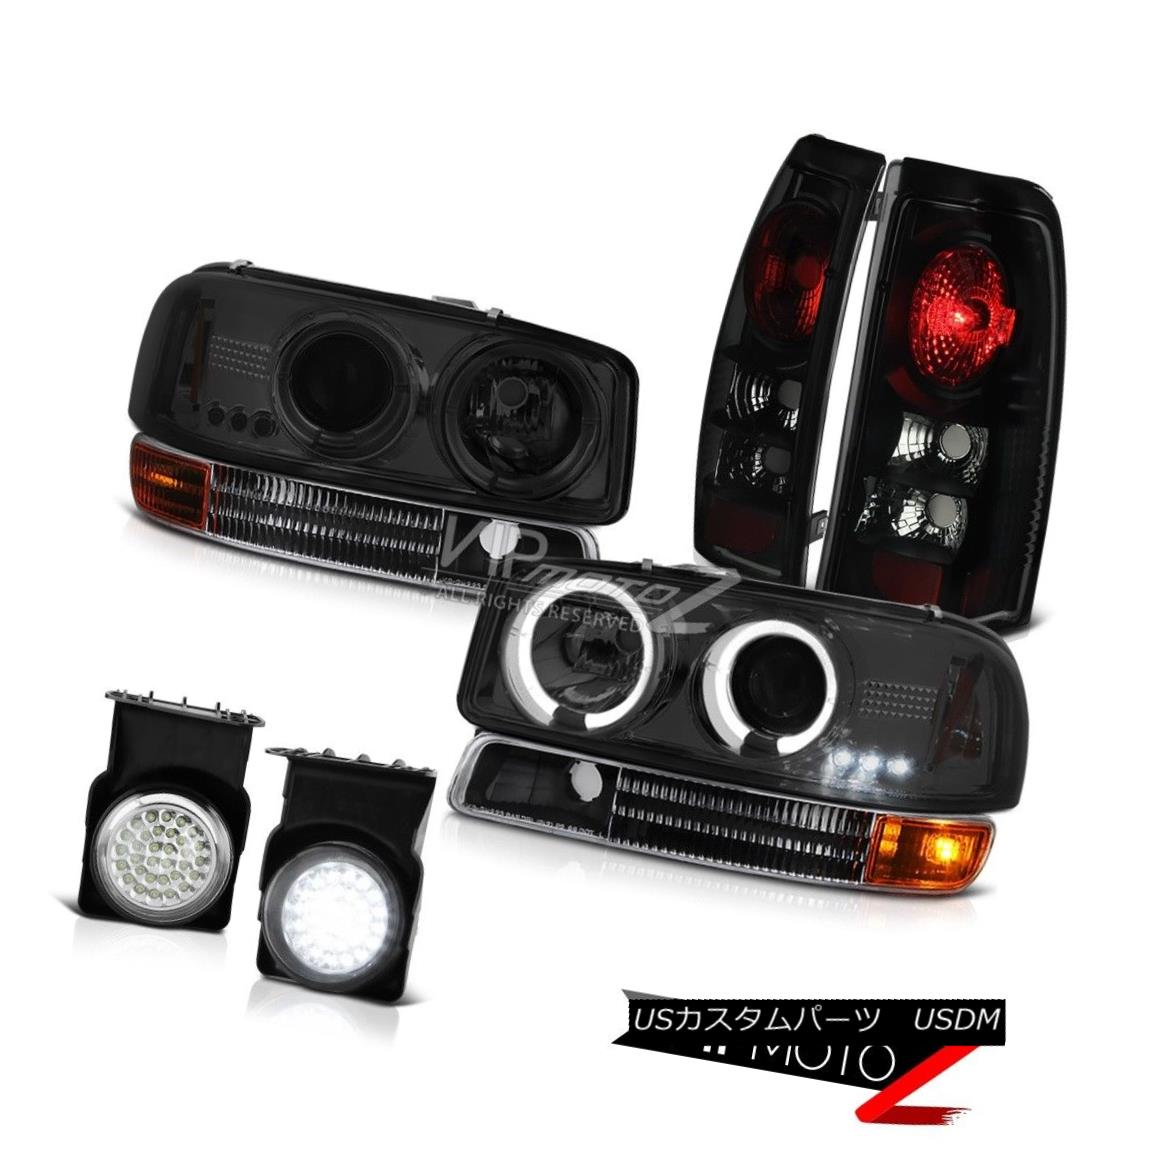 ヘッドライト Halo Headlights Black Parking Brake TailLamps Wiring LED Fog 2003 Sierra 6.0L V8 Haloヘッドライトブラック駐車ブレーキTailLamps LED Fog 2003 Sierra 6.0L V8